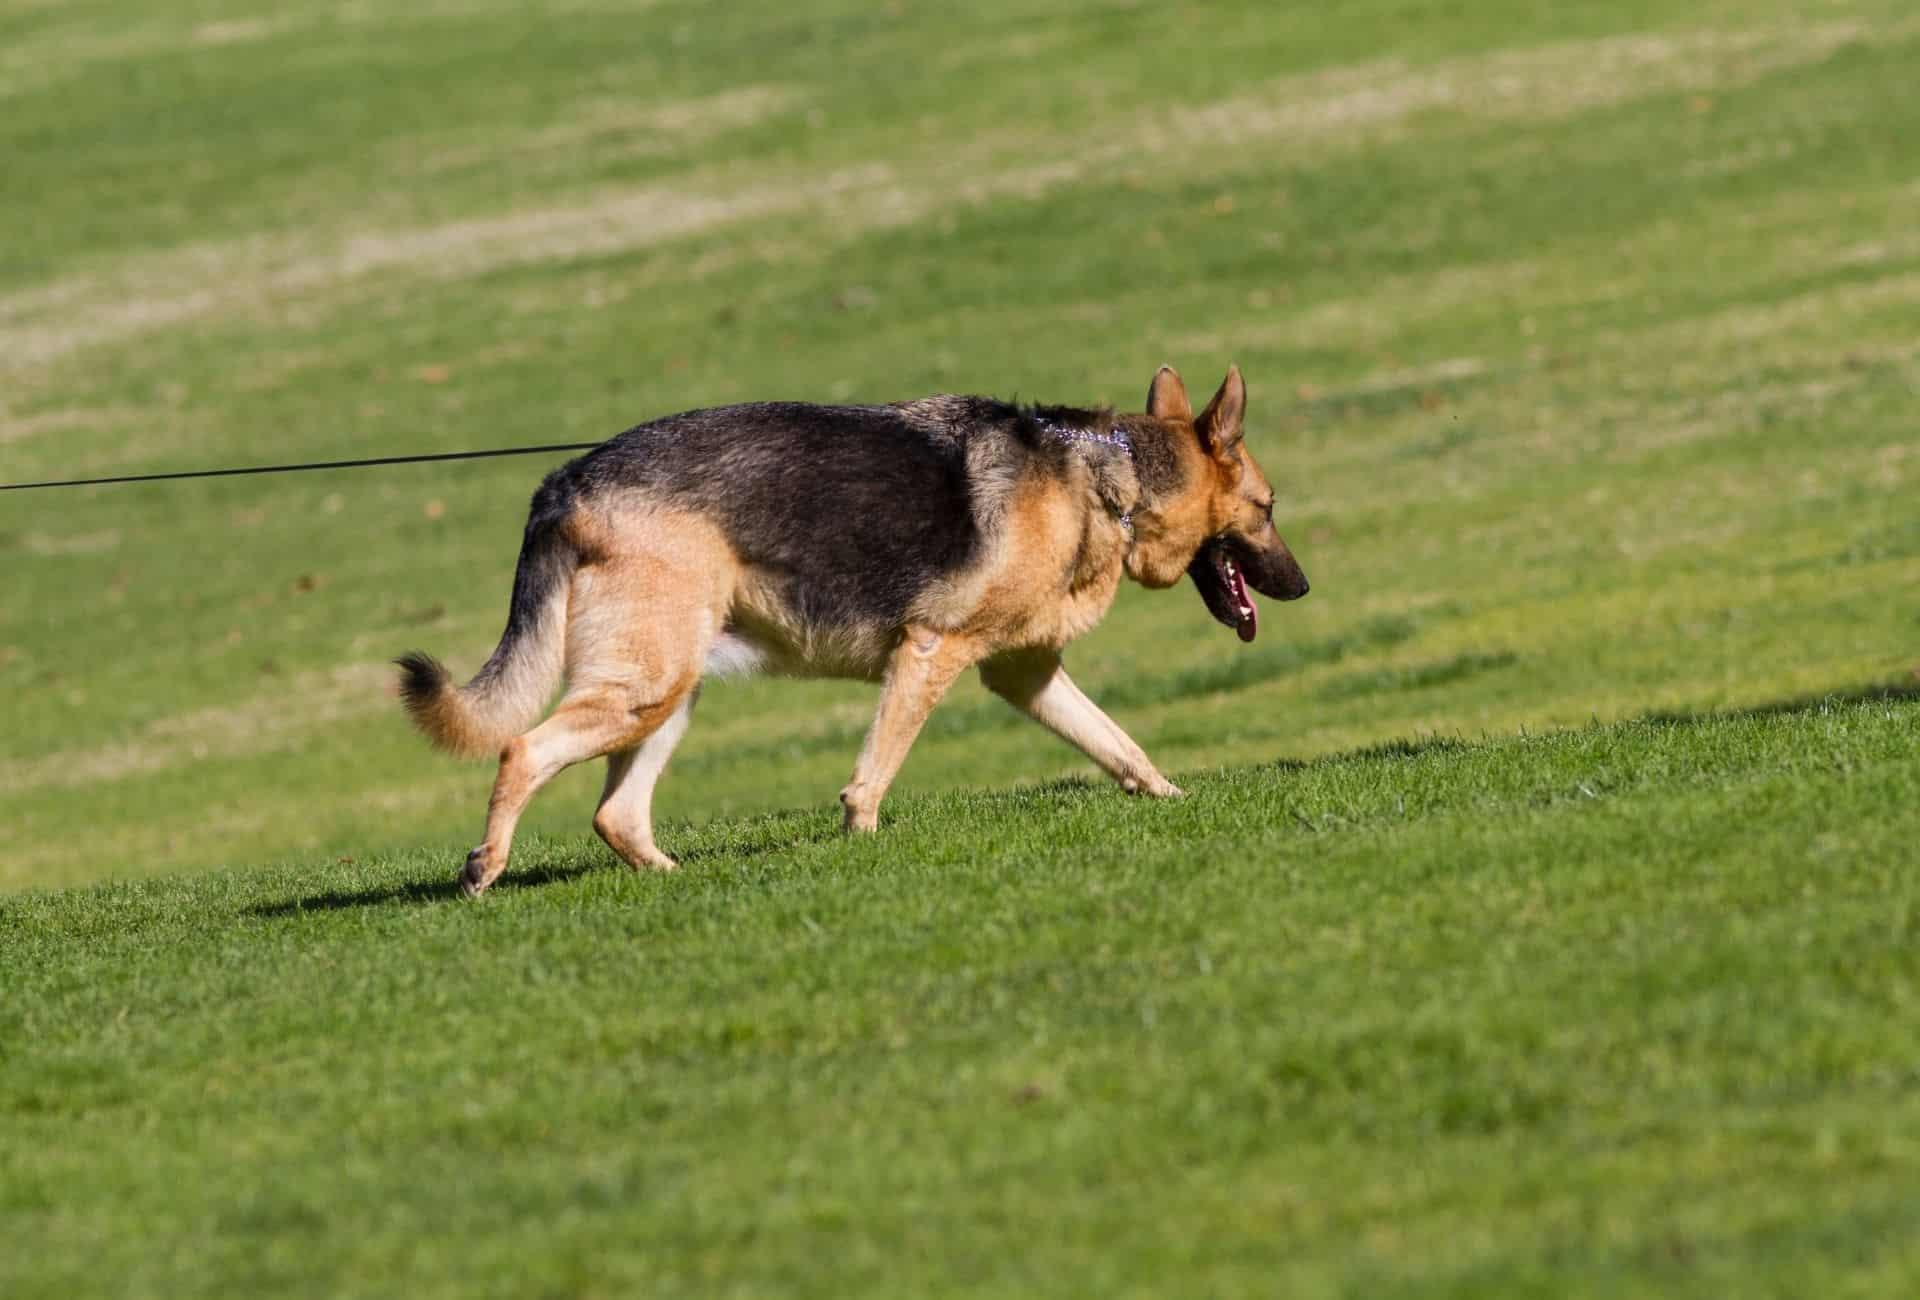 German Shepherd roaming on grassy field.